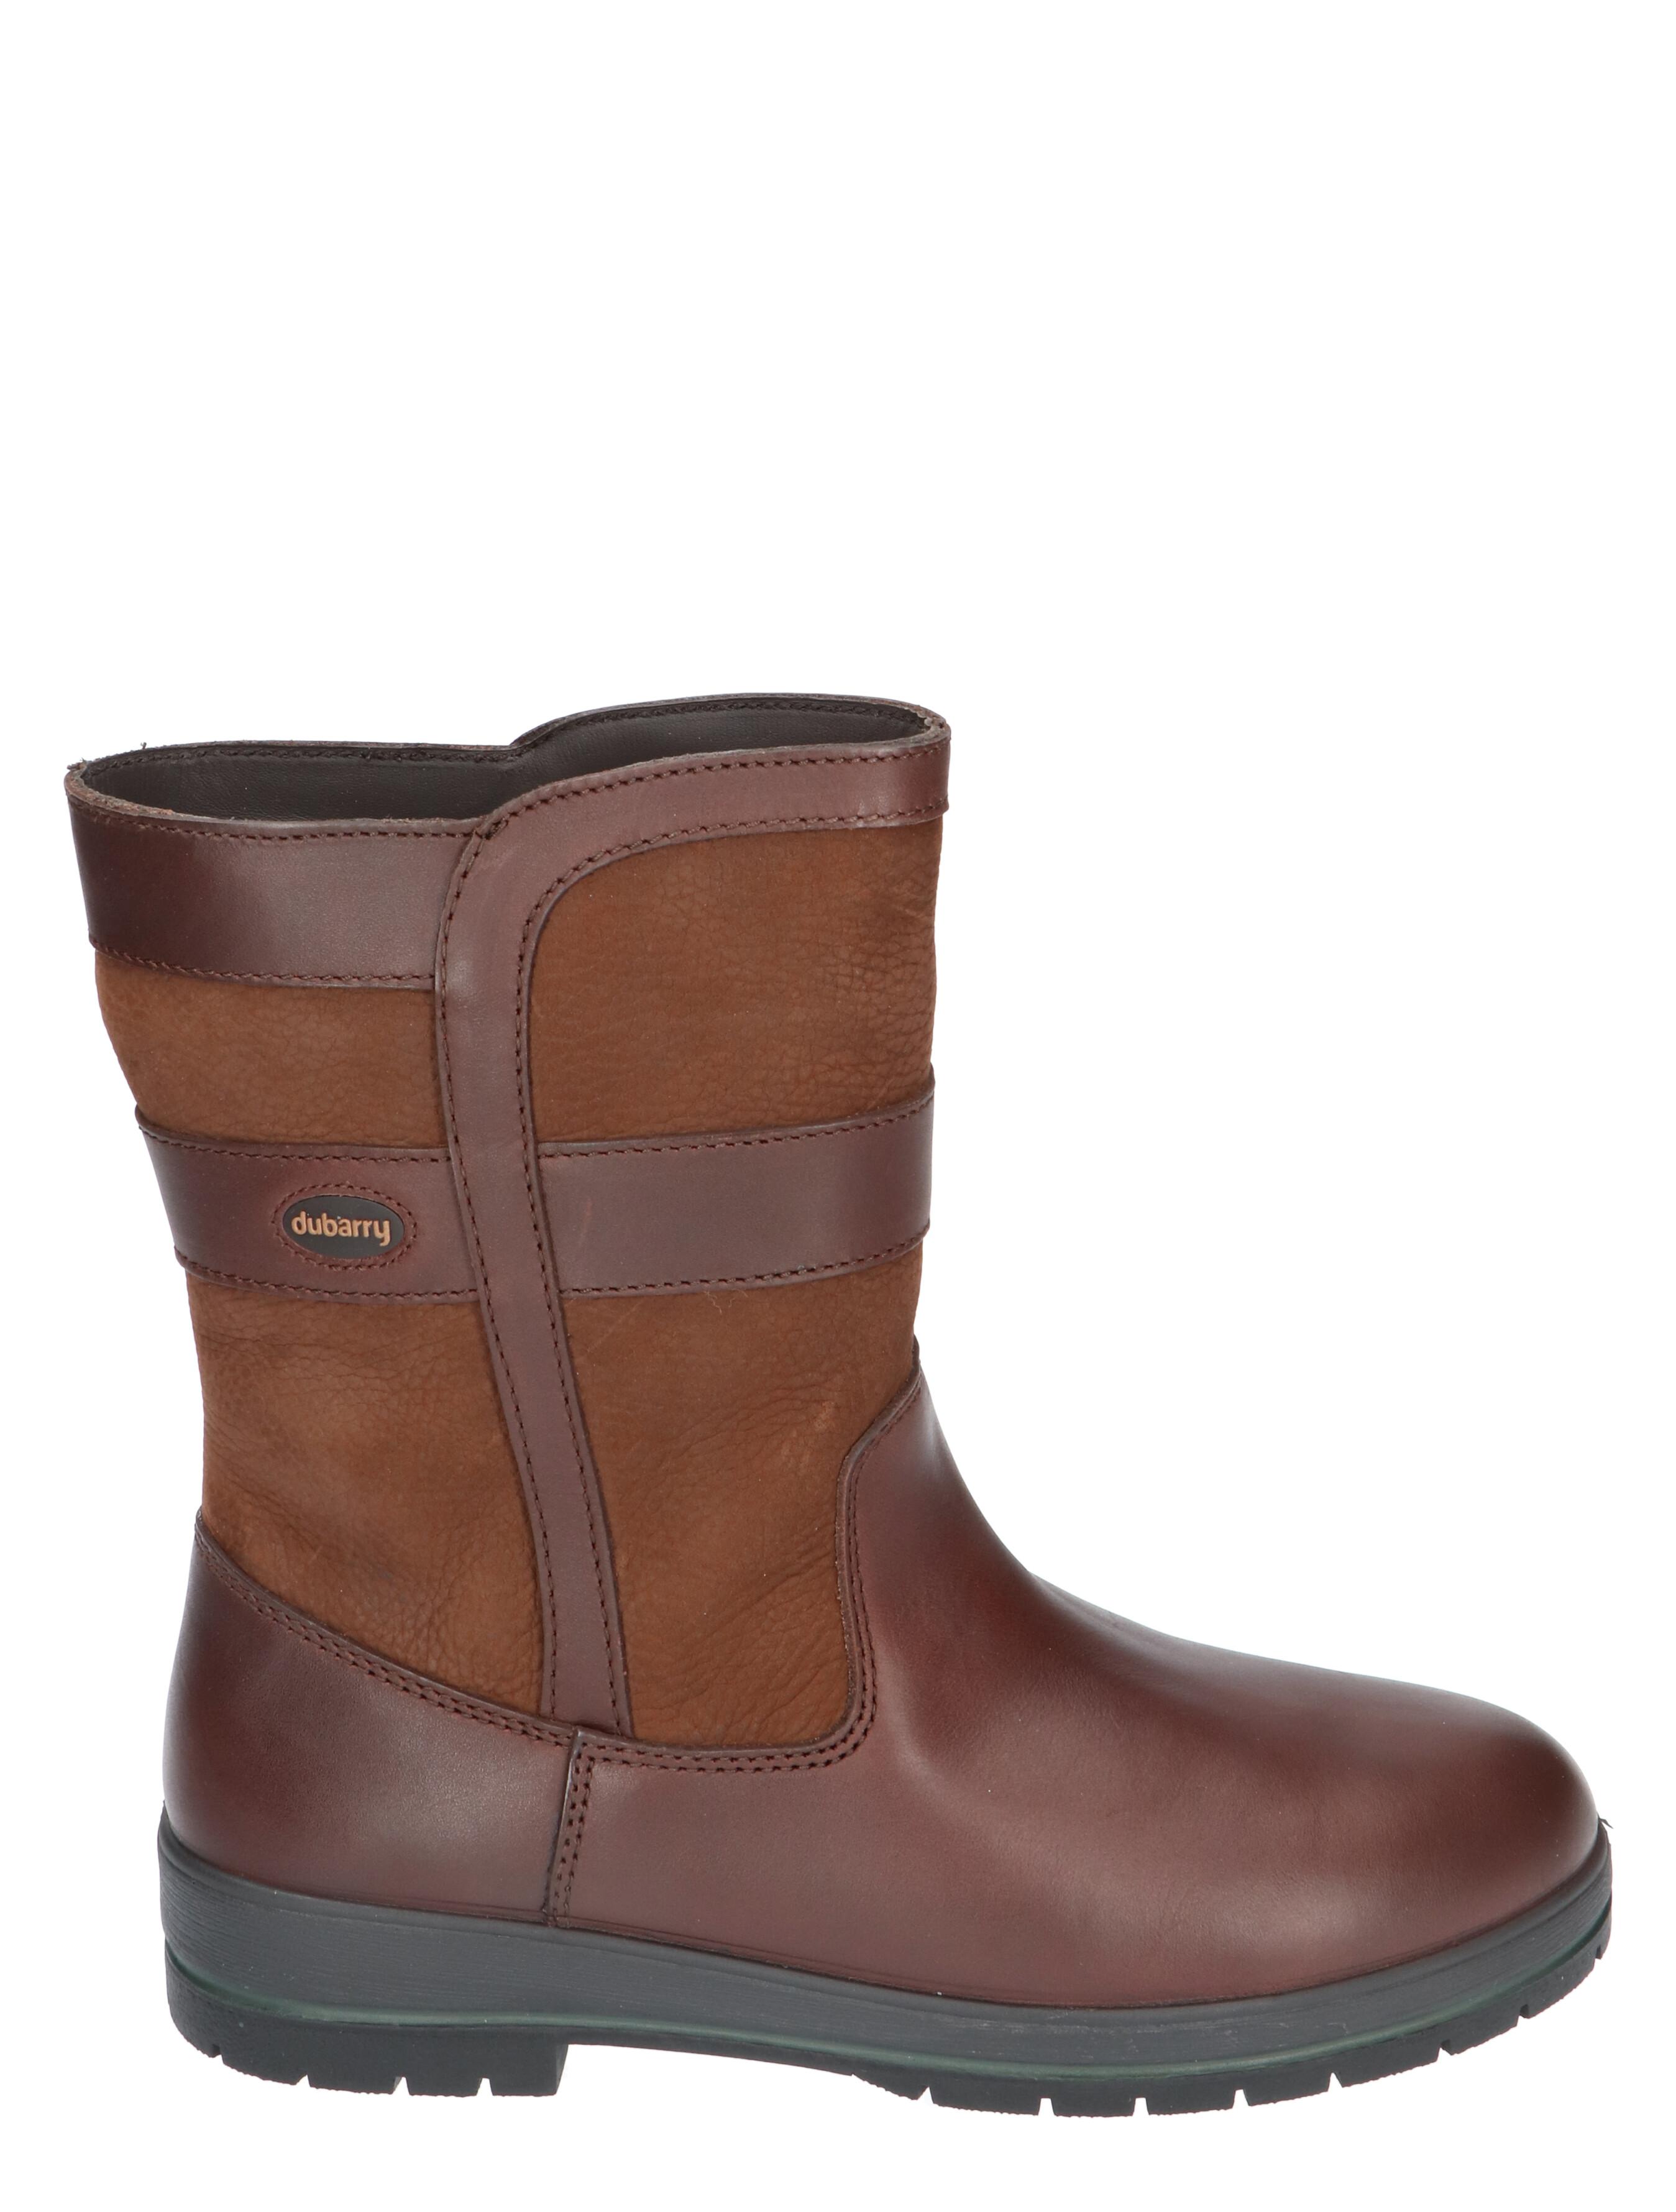 Dubarry Roscommon Boot Walnut Enkelboots